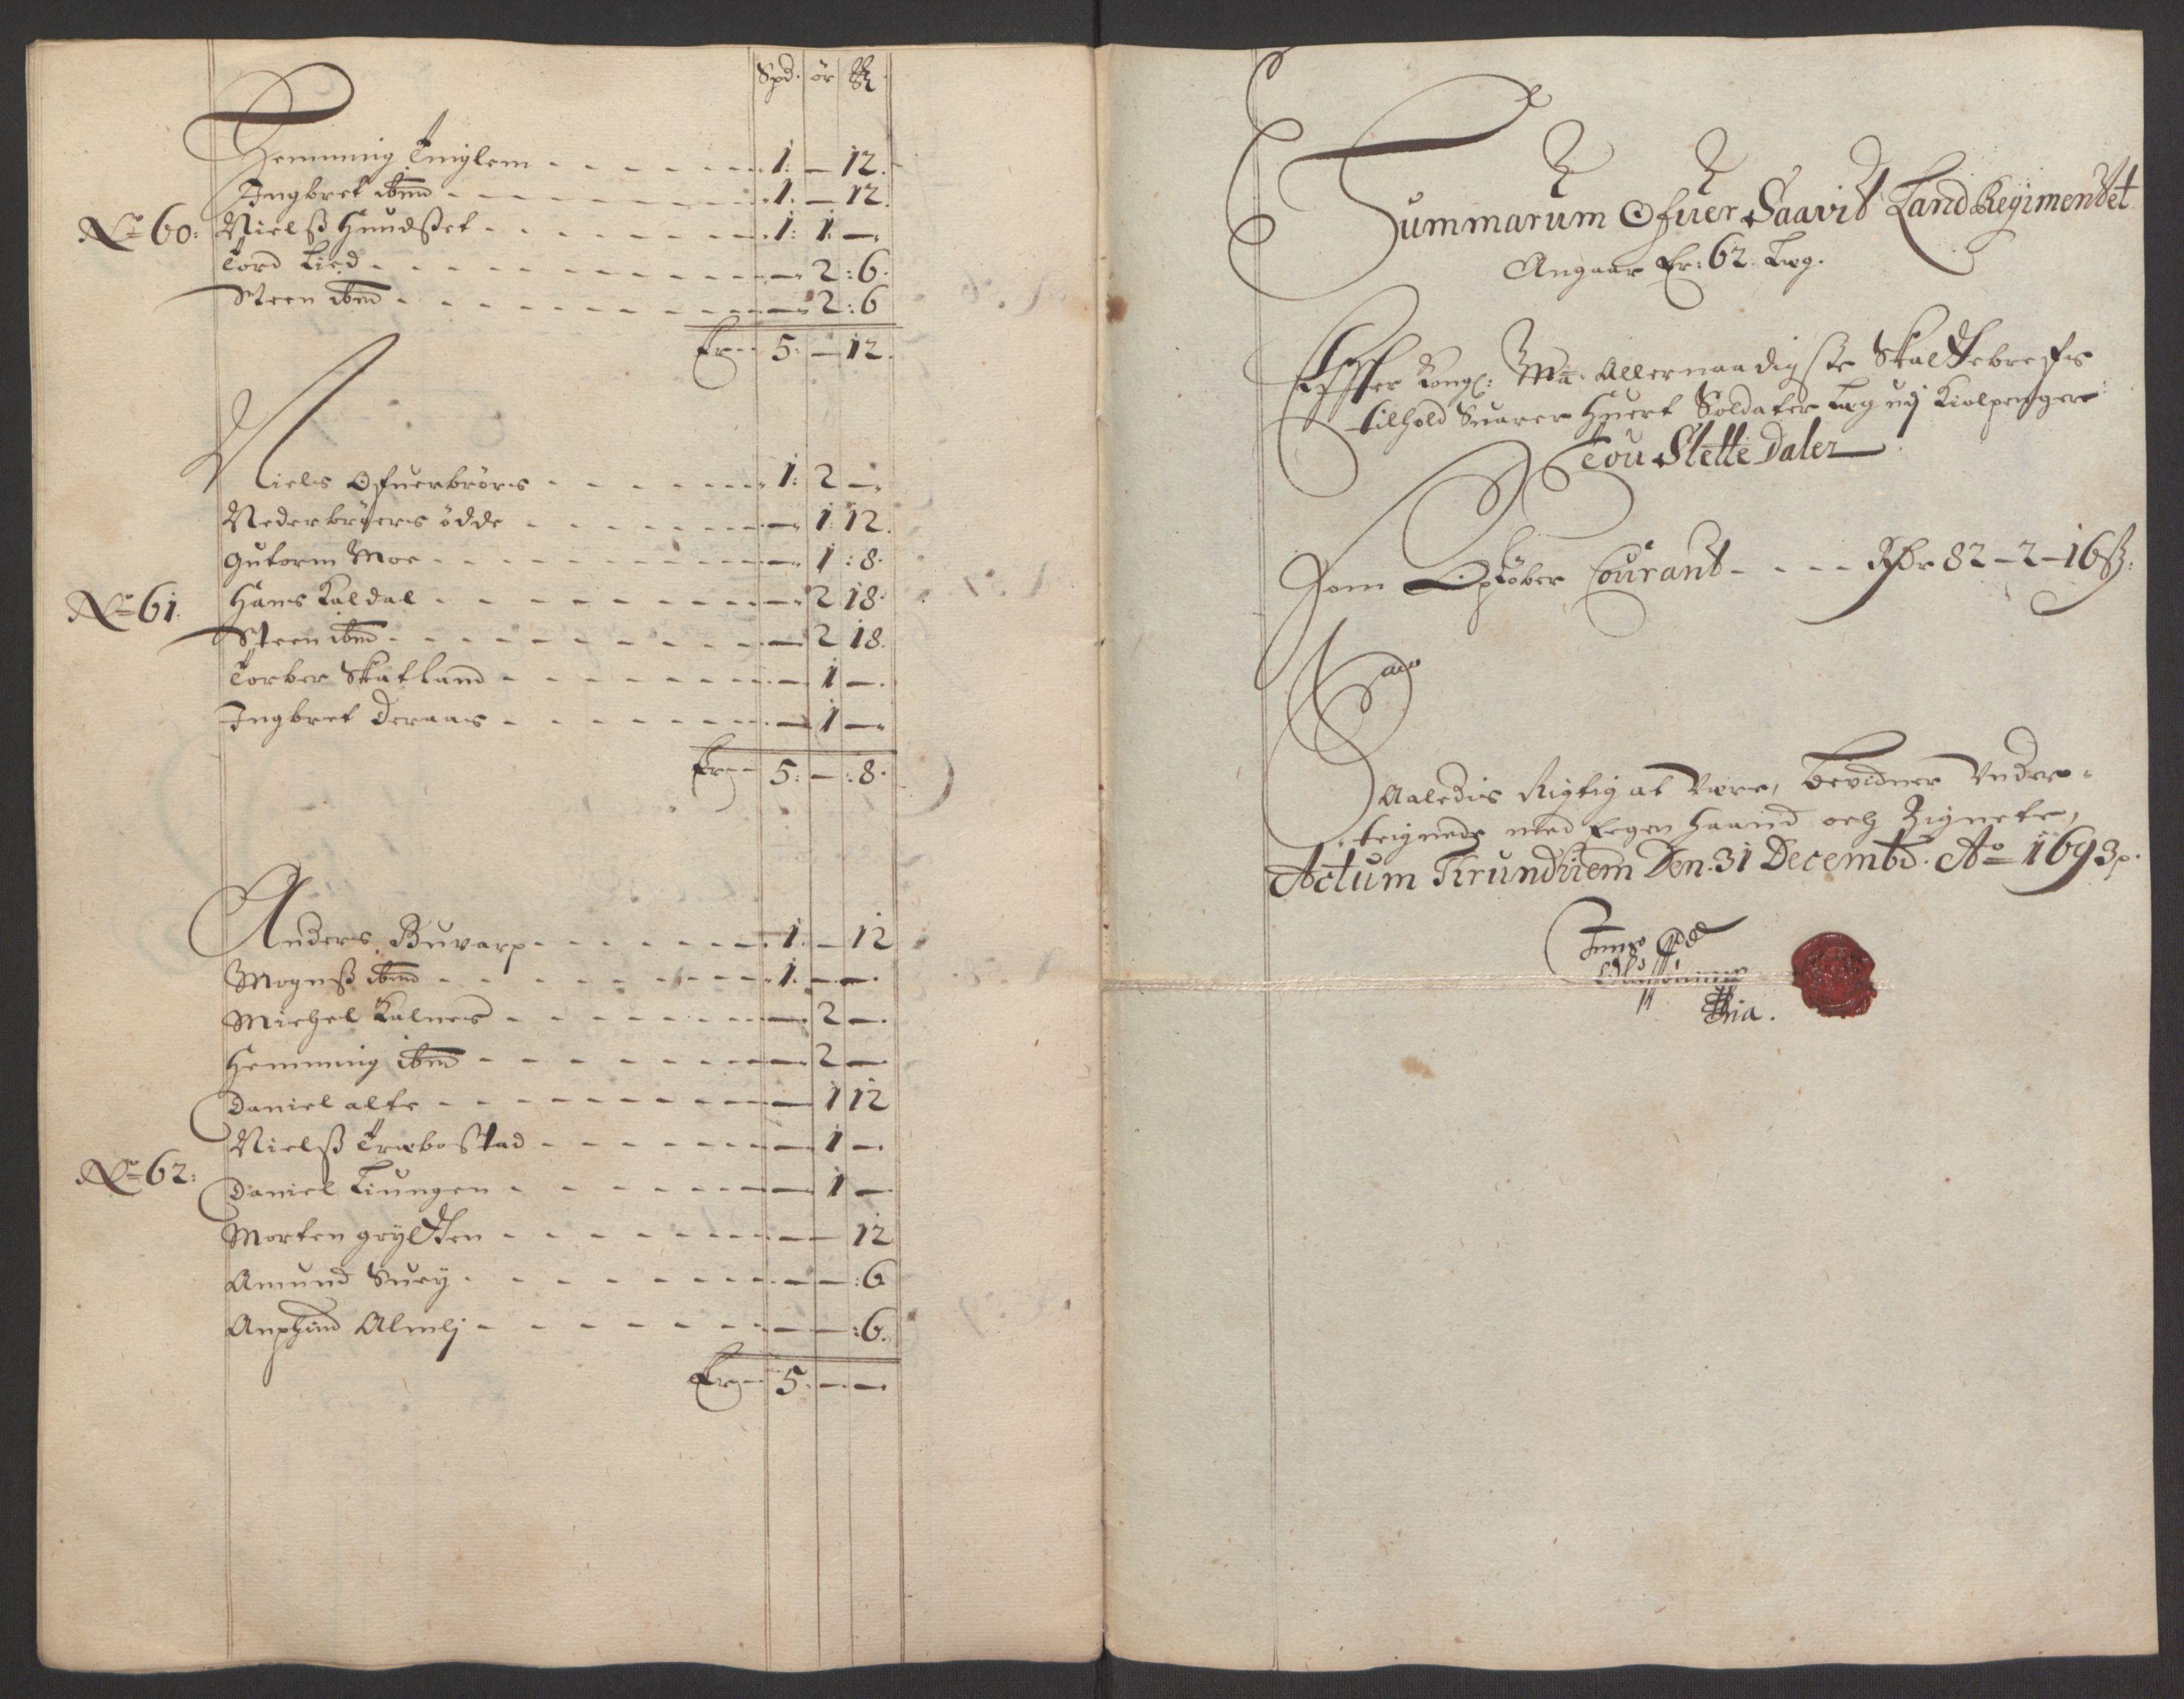 RA, Rentekammeret inntil 1814, Reviderte regnskaper, Fogderegnskap, R64/L4424: Fogderegnskap Namdal, 1692-1695, s. 267